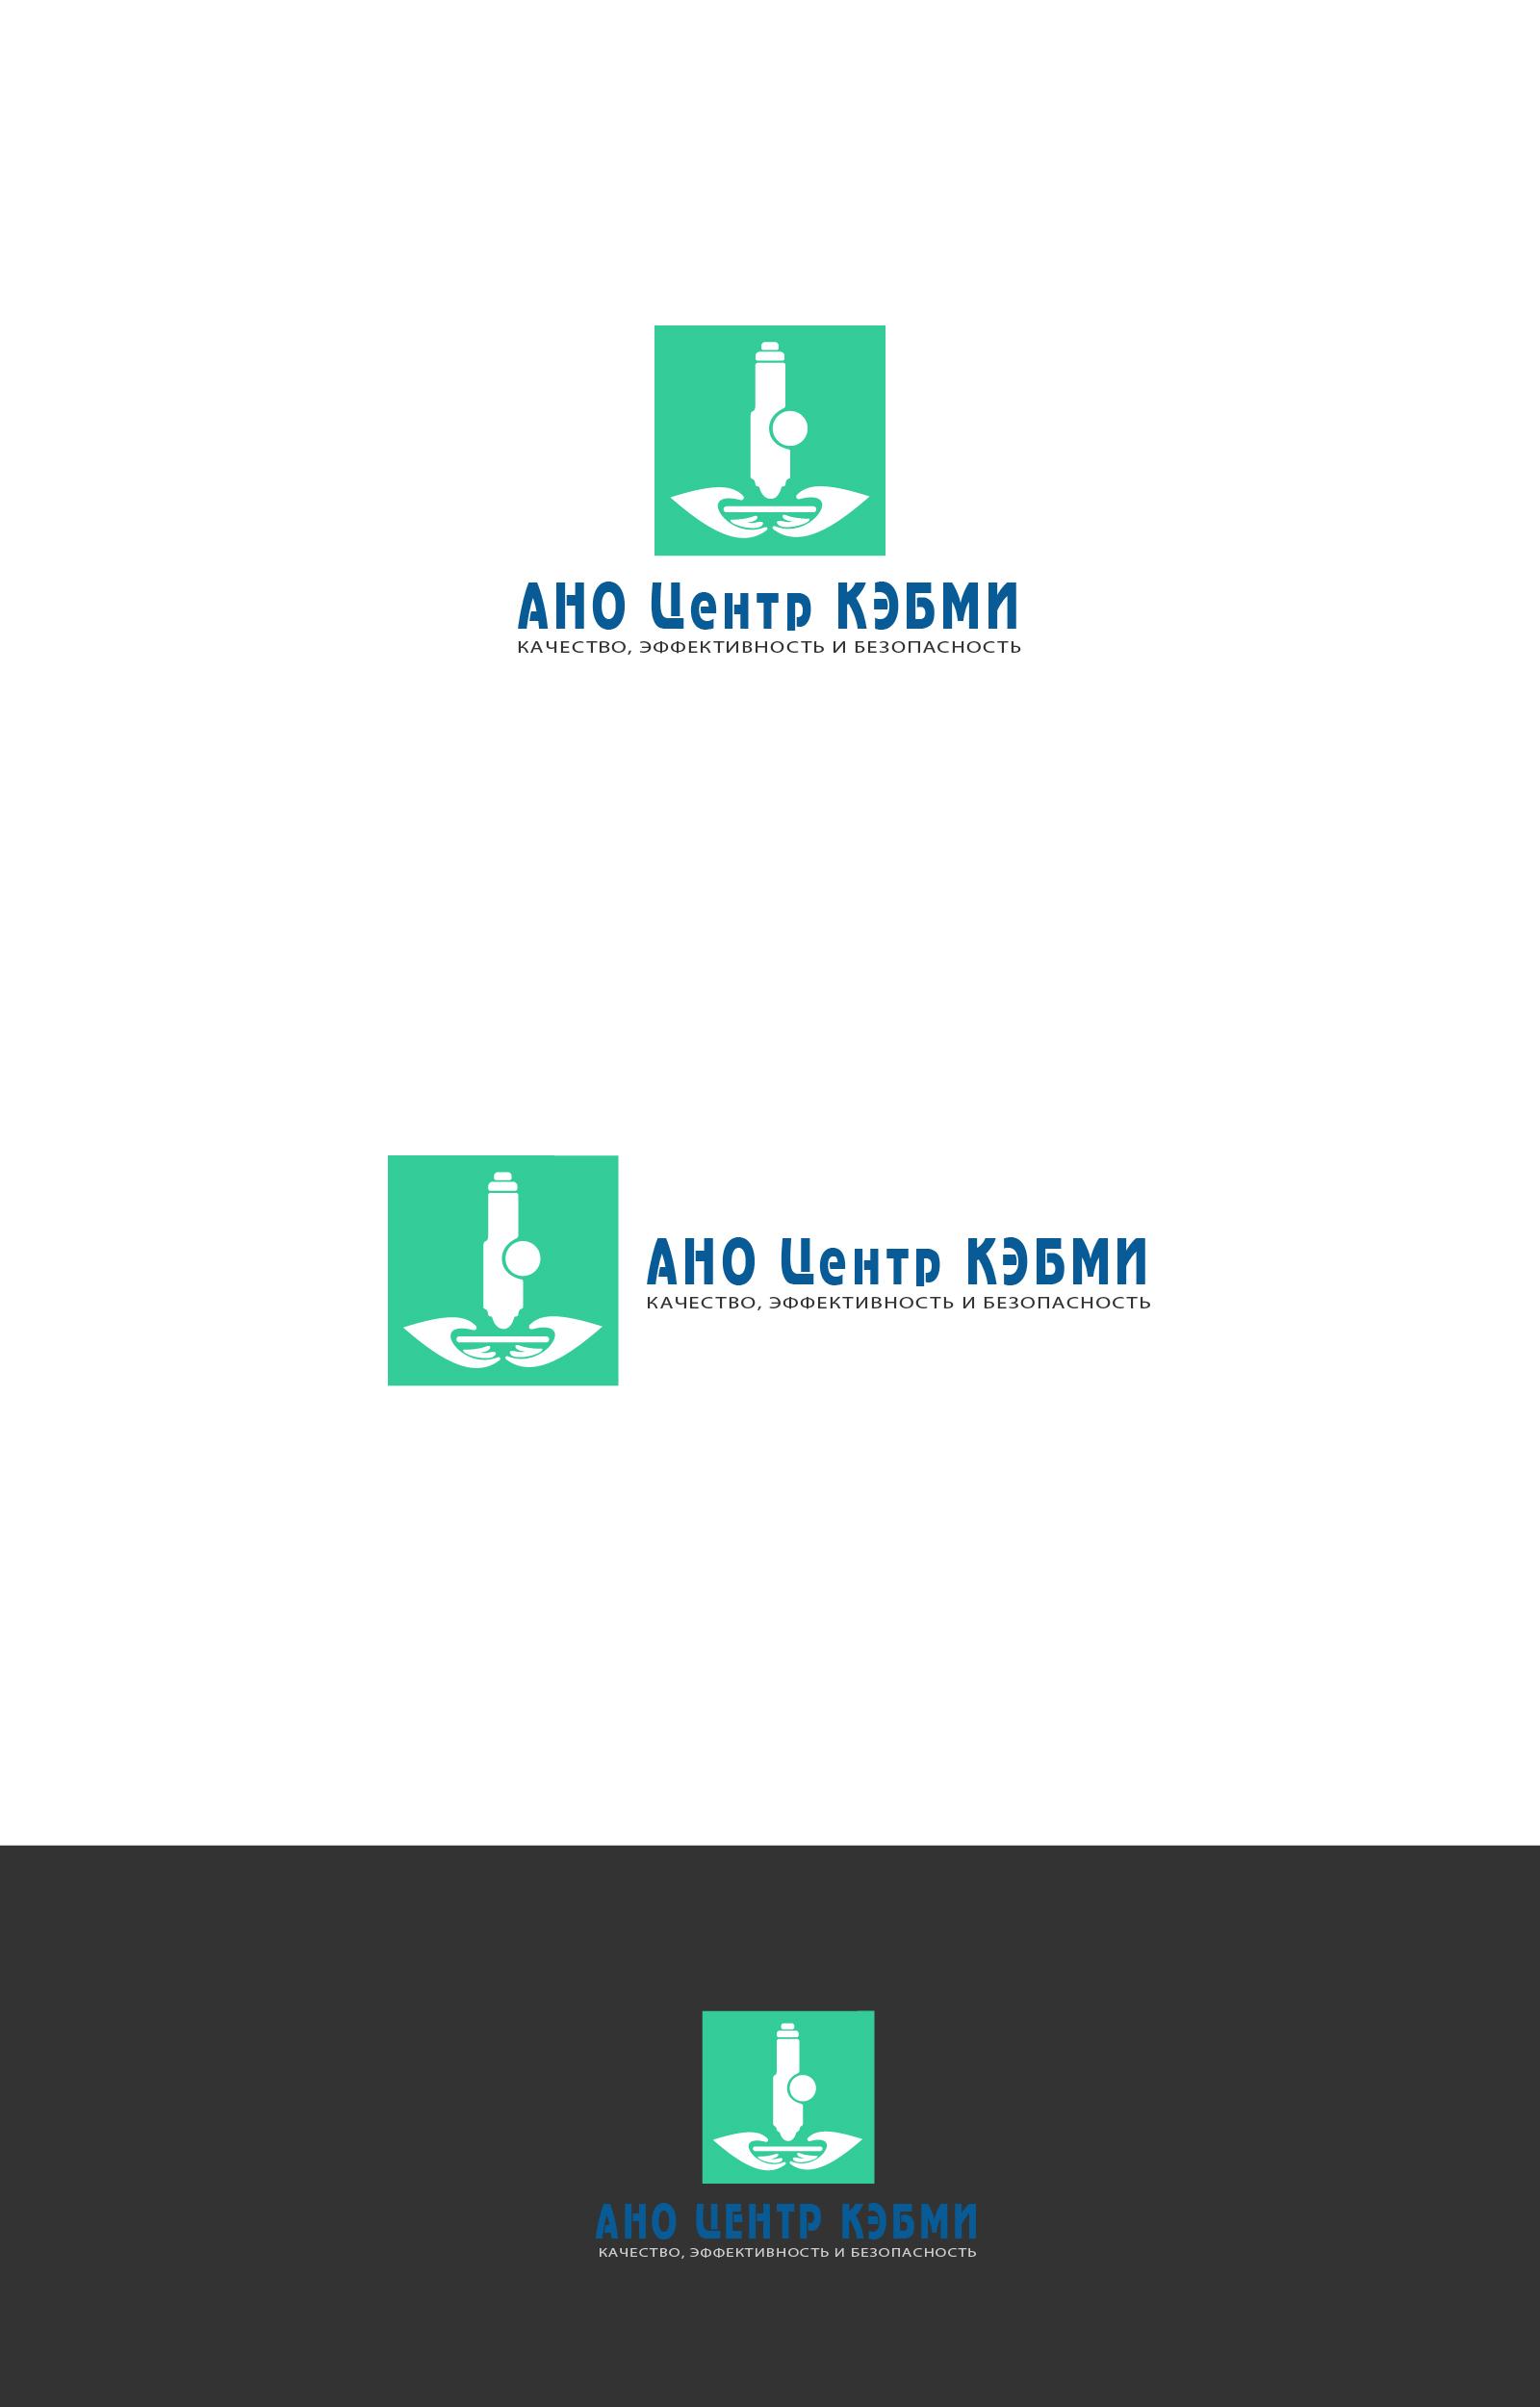 Редизайн логотипа АНО Центр КЭБМИ - BREVIS фото f_2645b1b8b9b7deab.jpg